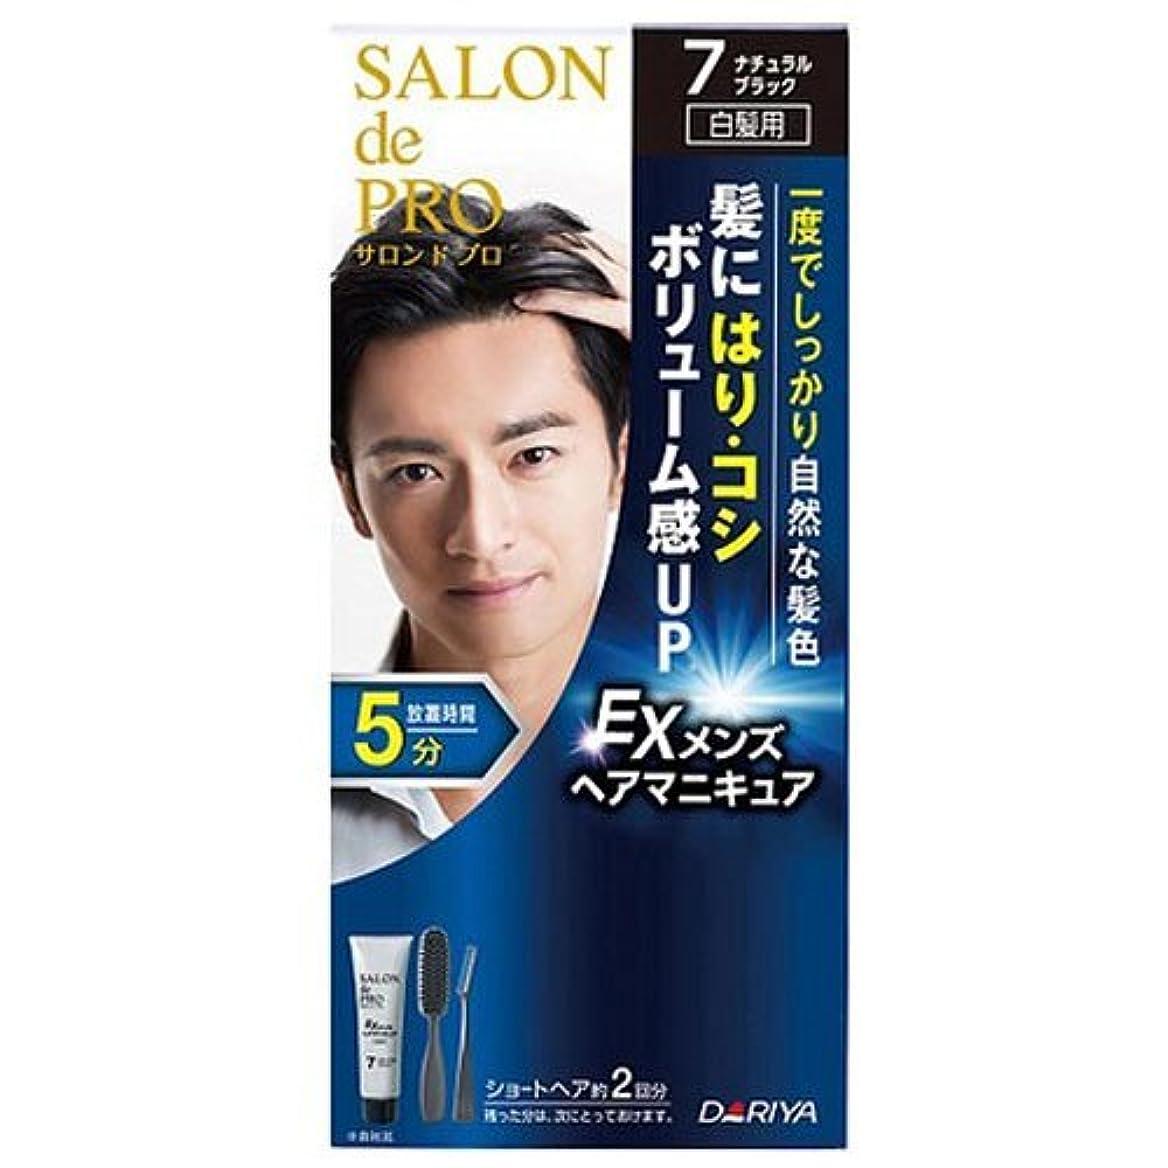 疾患ポータルリッチサロンドプロ EXメンズヘアマニキュア 白髪用 7 ナチュラルブラック